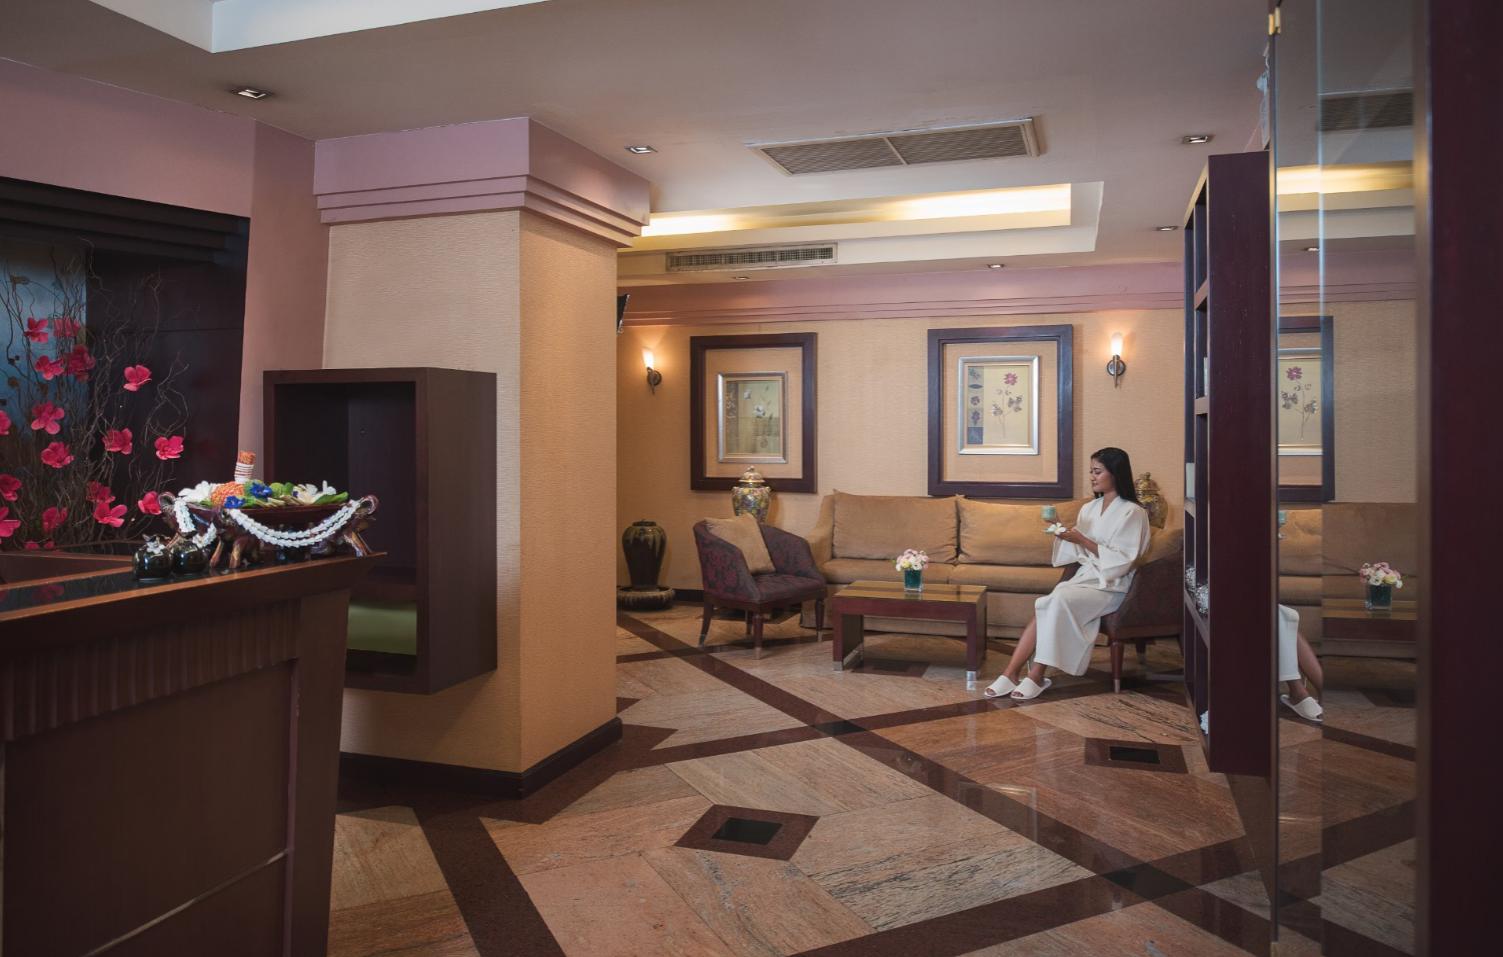 Prince Palace Hotel โรงแรมปรินซ์ พาเลซ